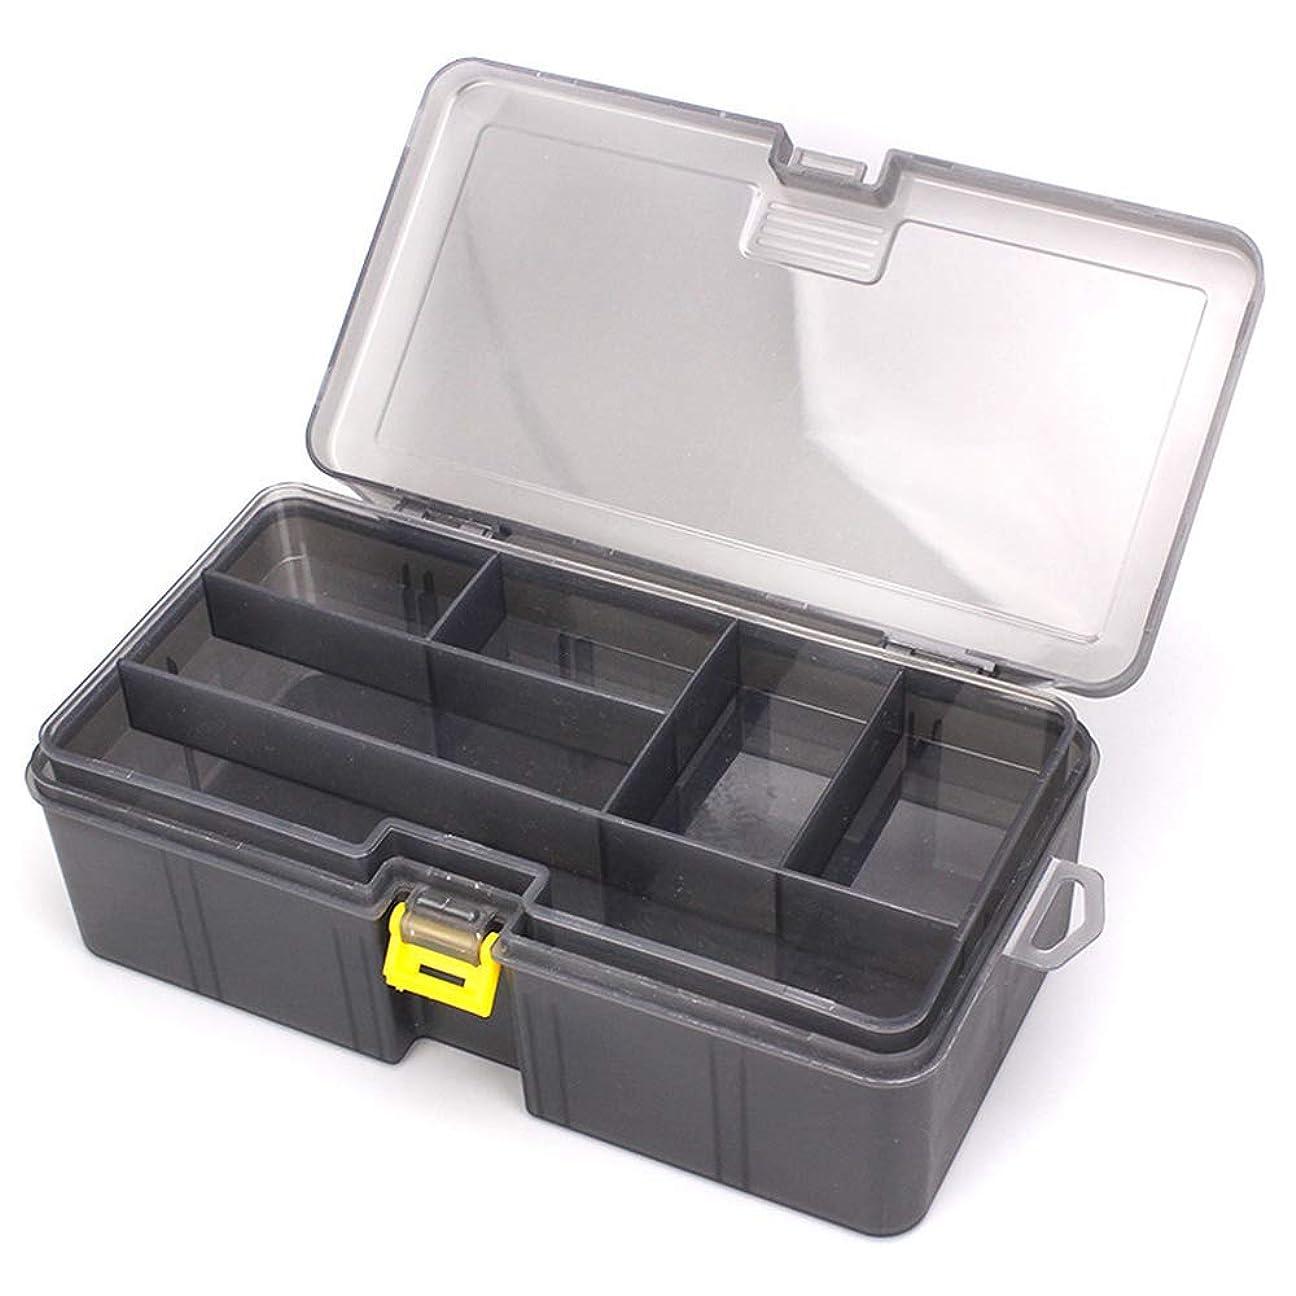 優勢クック料理THIBETA 太い2層ロードサブボックス ポリプロピレン素材 ルアーアクセサリー ツールボックス プラスチックボックス 釣り用品